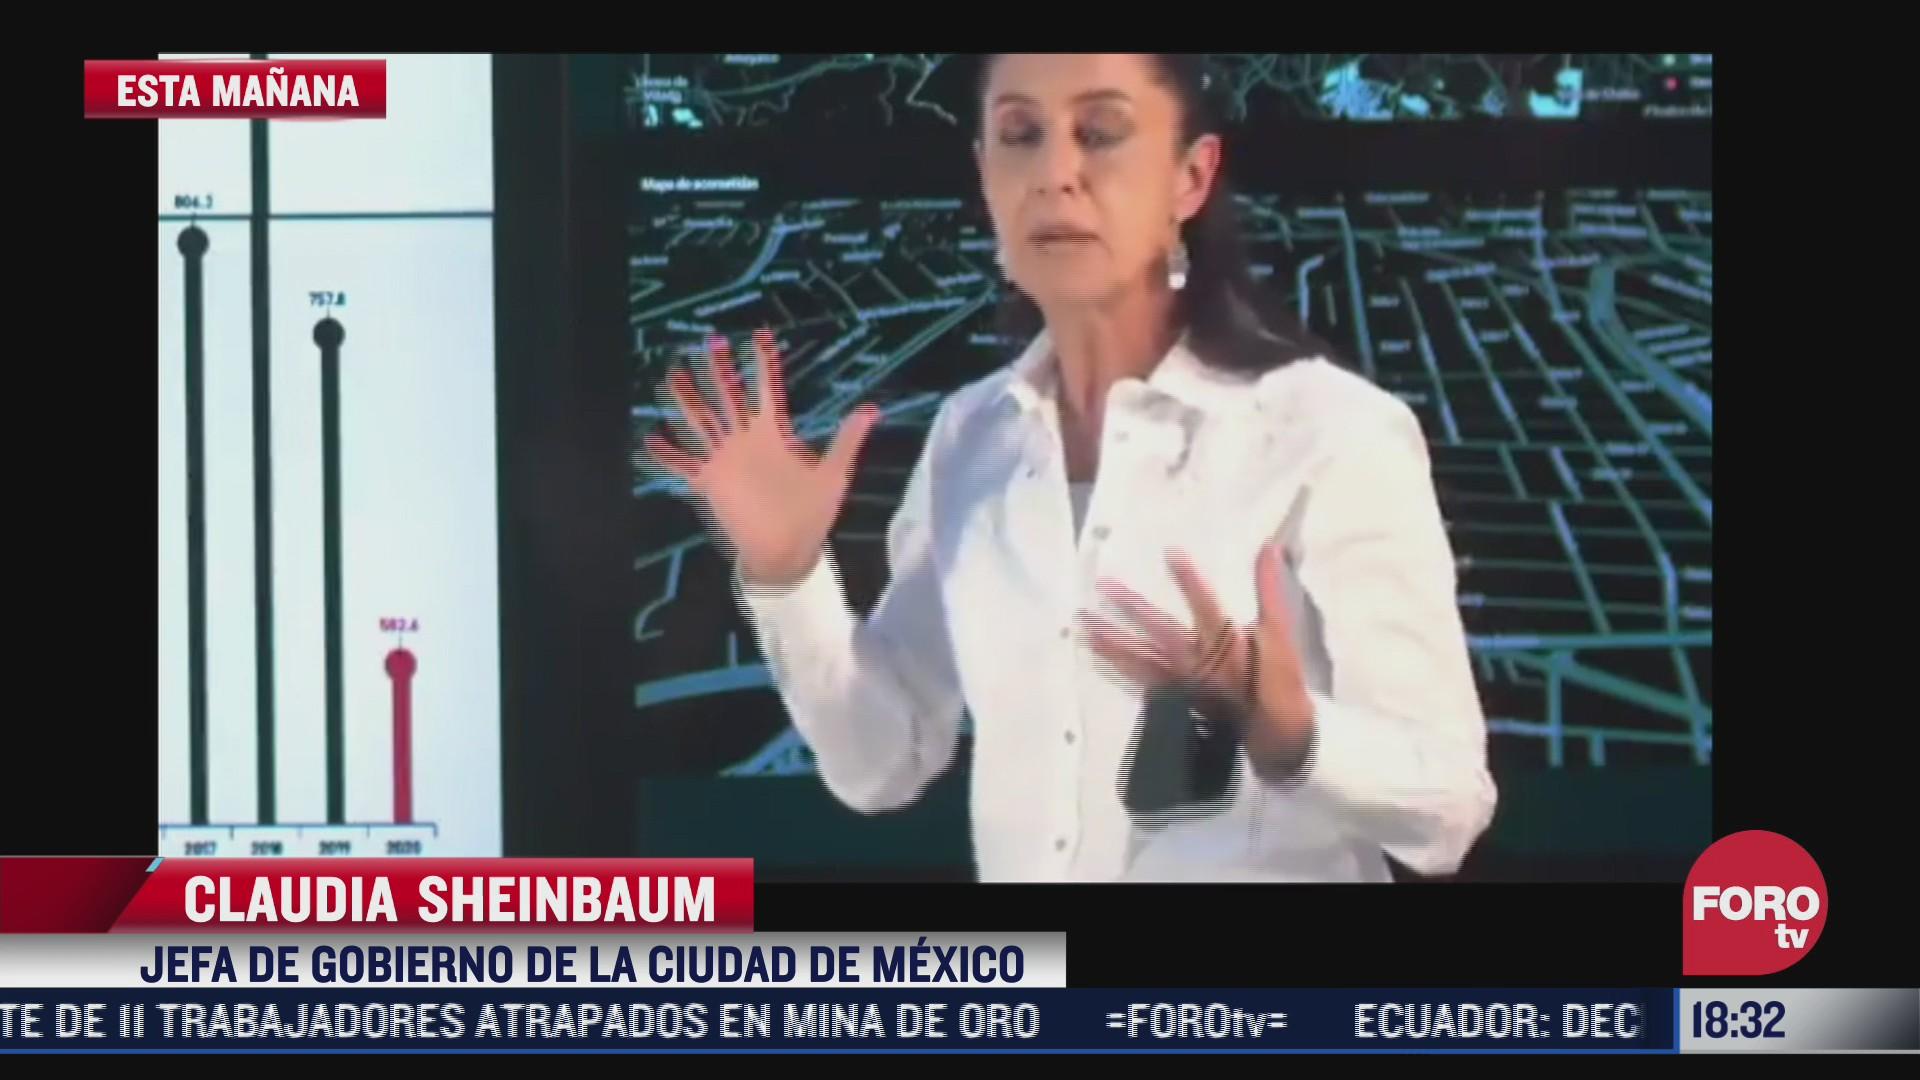 claudia sheinbaum pide cuidar el agua ante sequia en cdmx